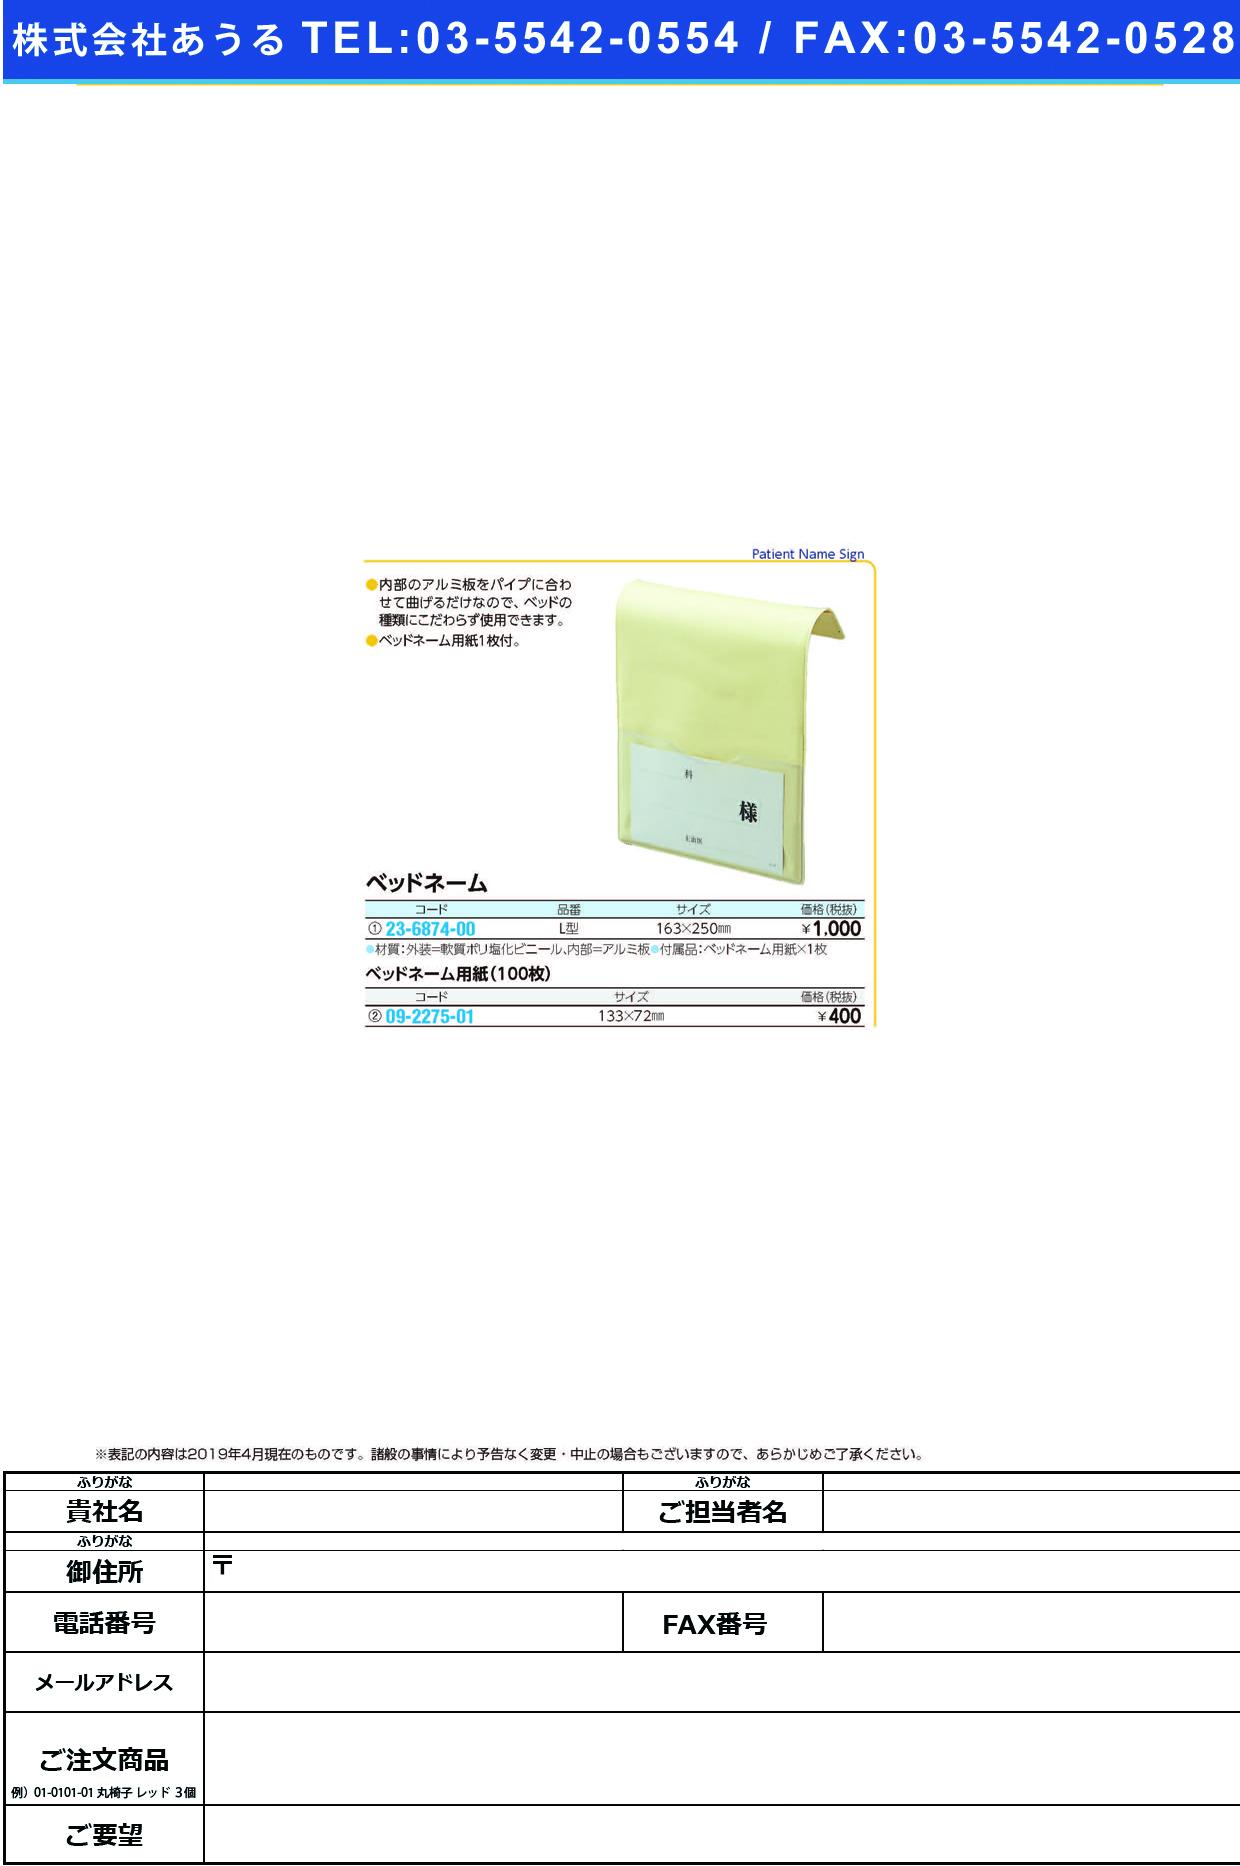 (23-6874-00)ベッドネームL型(用紙付)アイボリー 2031-06(163X250MM) ベッドネームLガタ(ヨウシツキ)【1枚単位】【2019年カタログ商品】